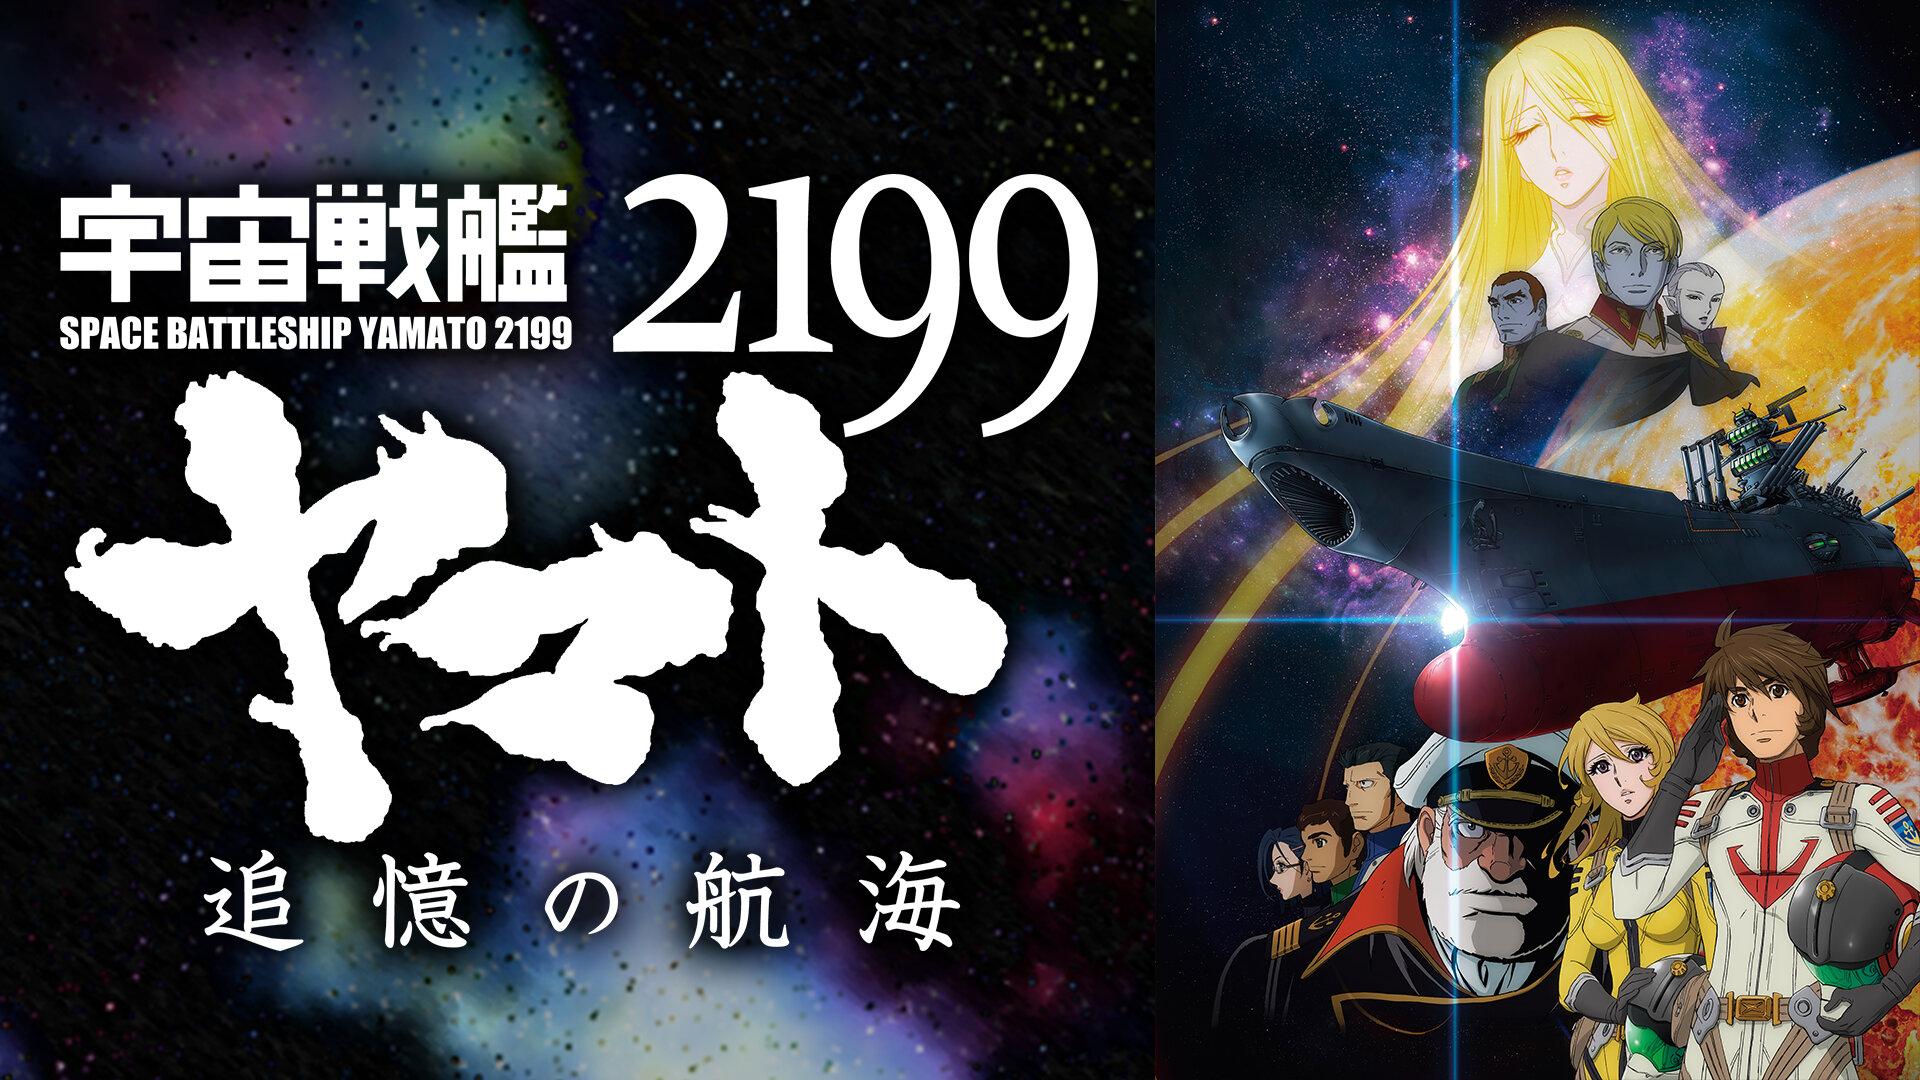 宇宙戦艦ヤマト2199 追憶の航海(dアニメストア)